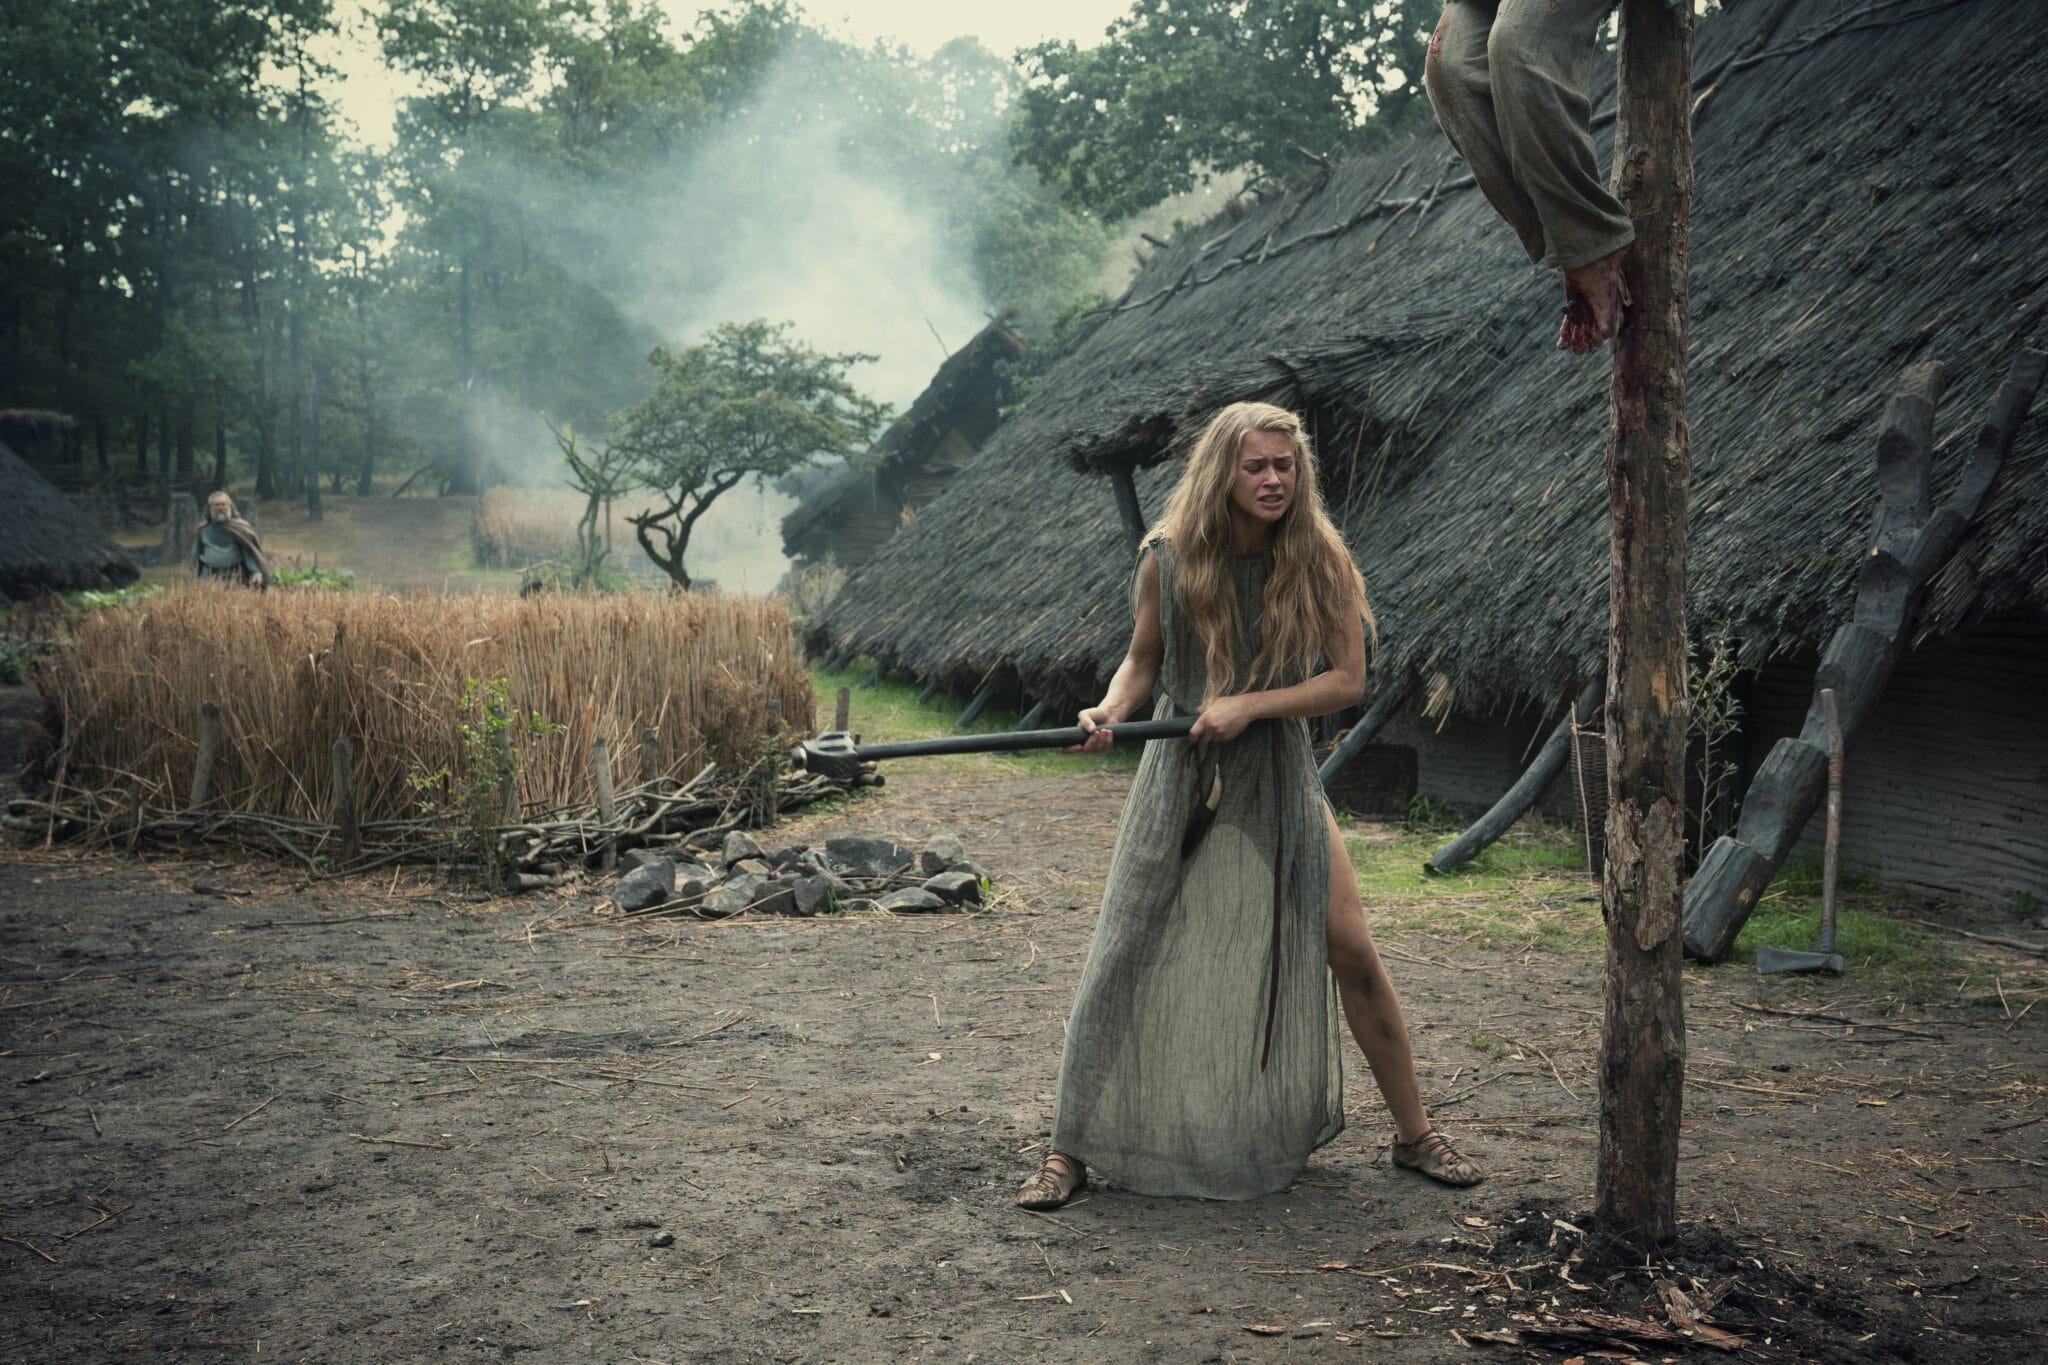 Thusnelda (Jeanne Goursaud) hält eine Art Axt in den Händen und schwingt Richtung eines Pfahls, um diesen zu Fall zu bringen. Im Hintergrund steht ein Reetdachhaus.